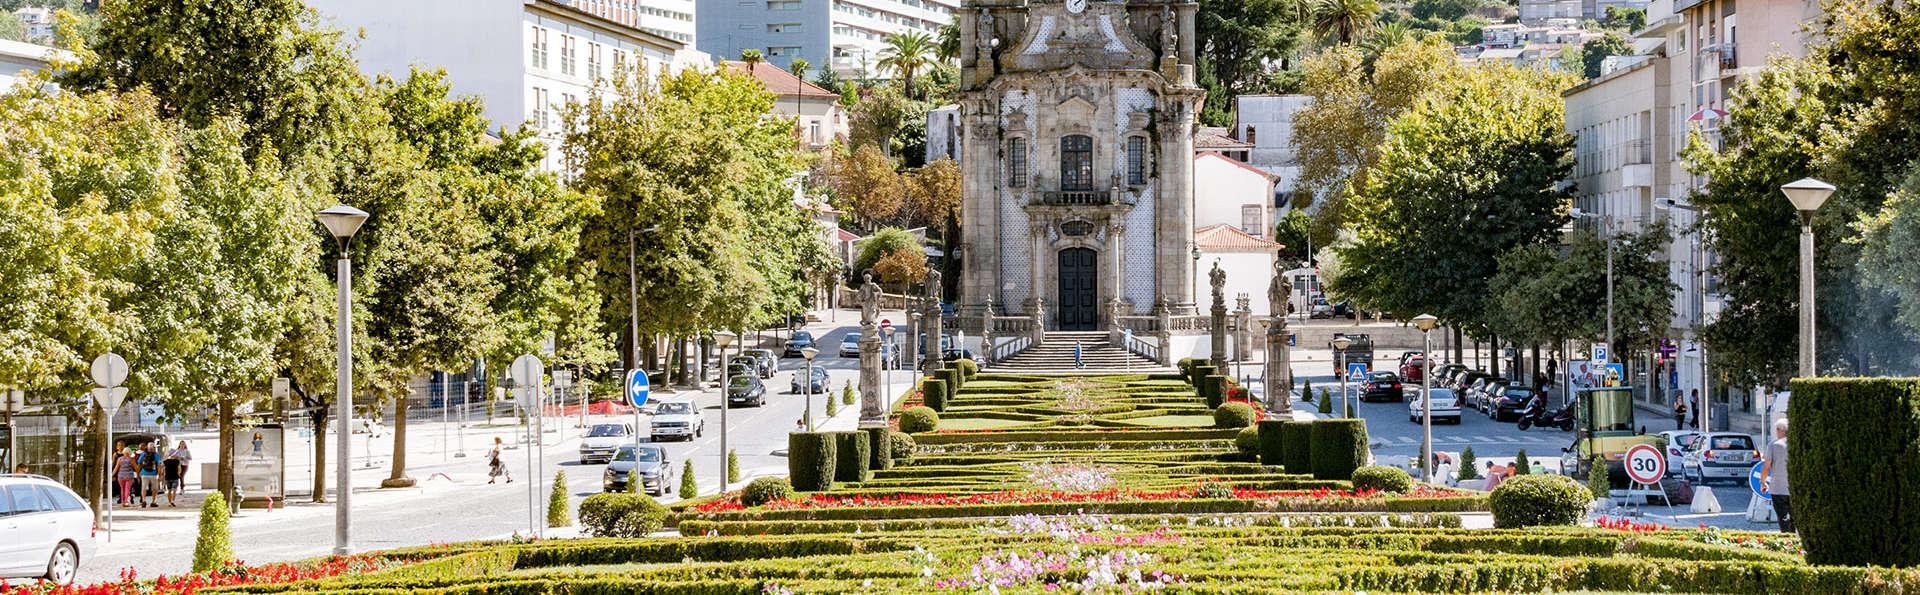 Escapada con copa de bienvenida cerca del centro histórico de Guimarães